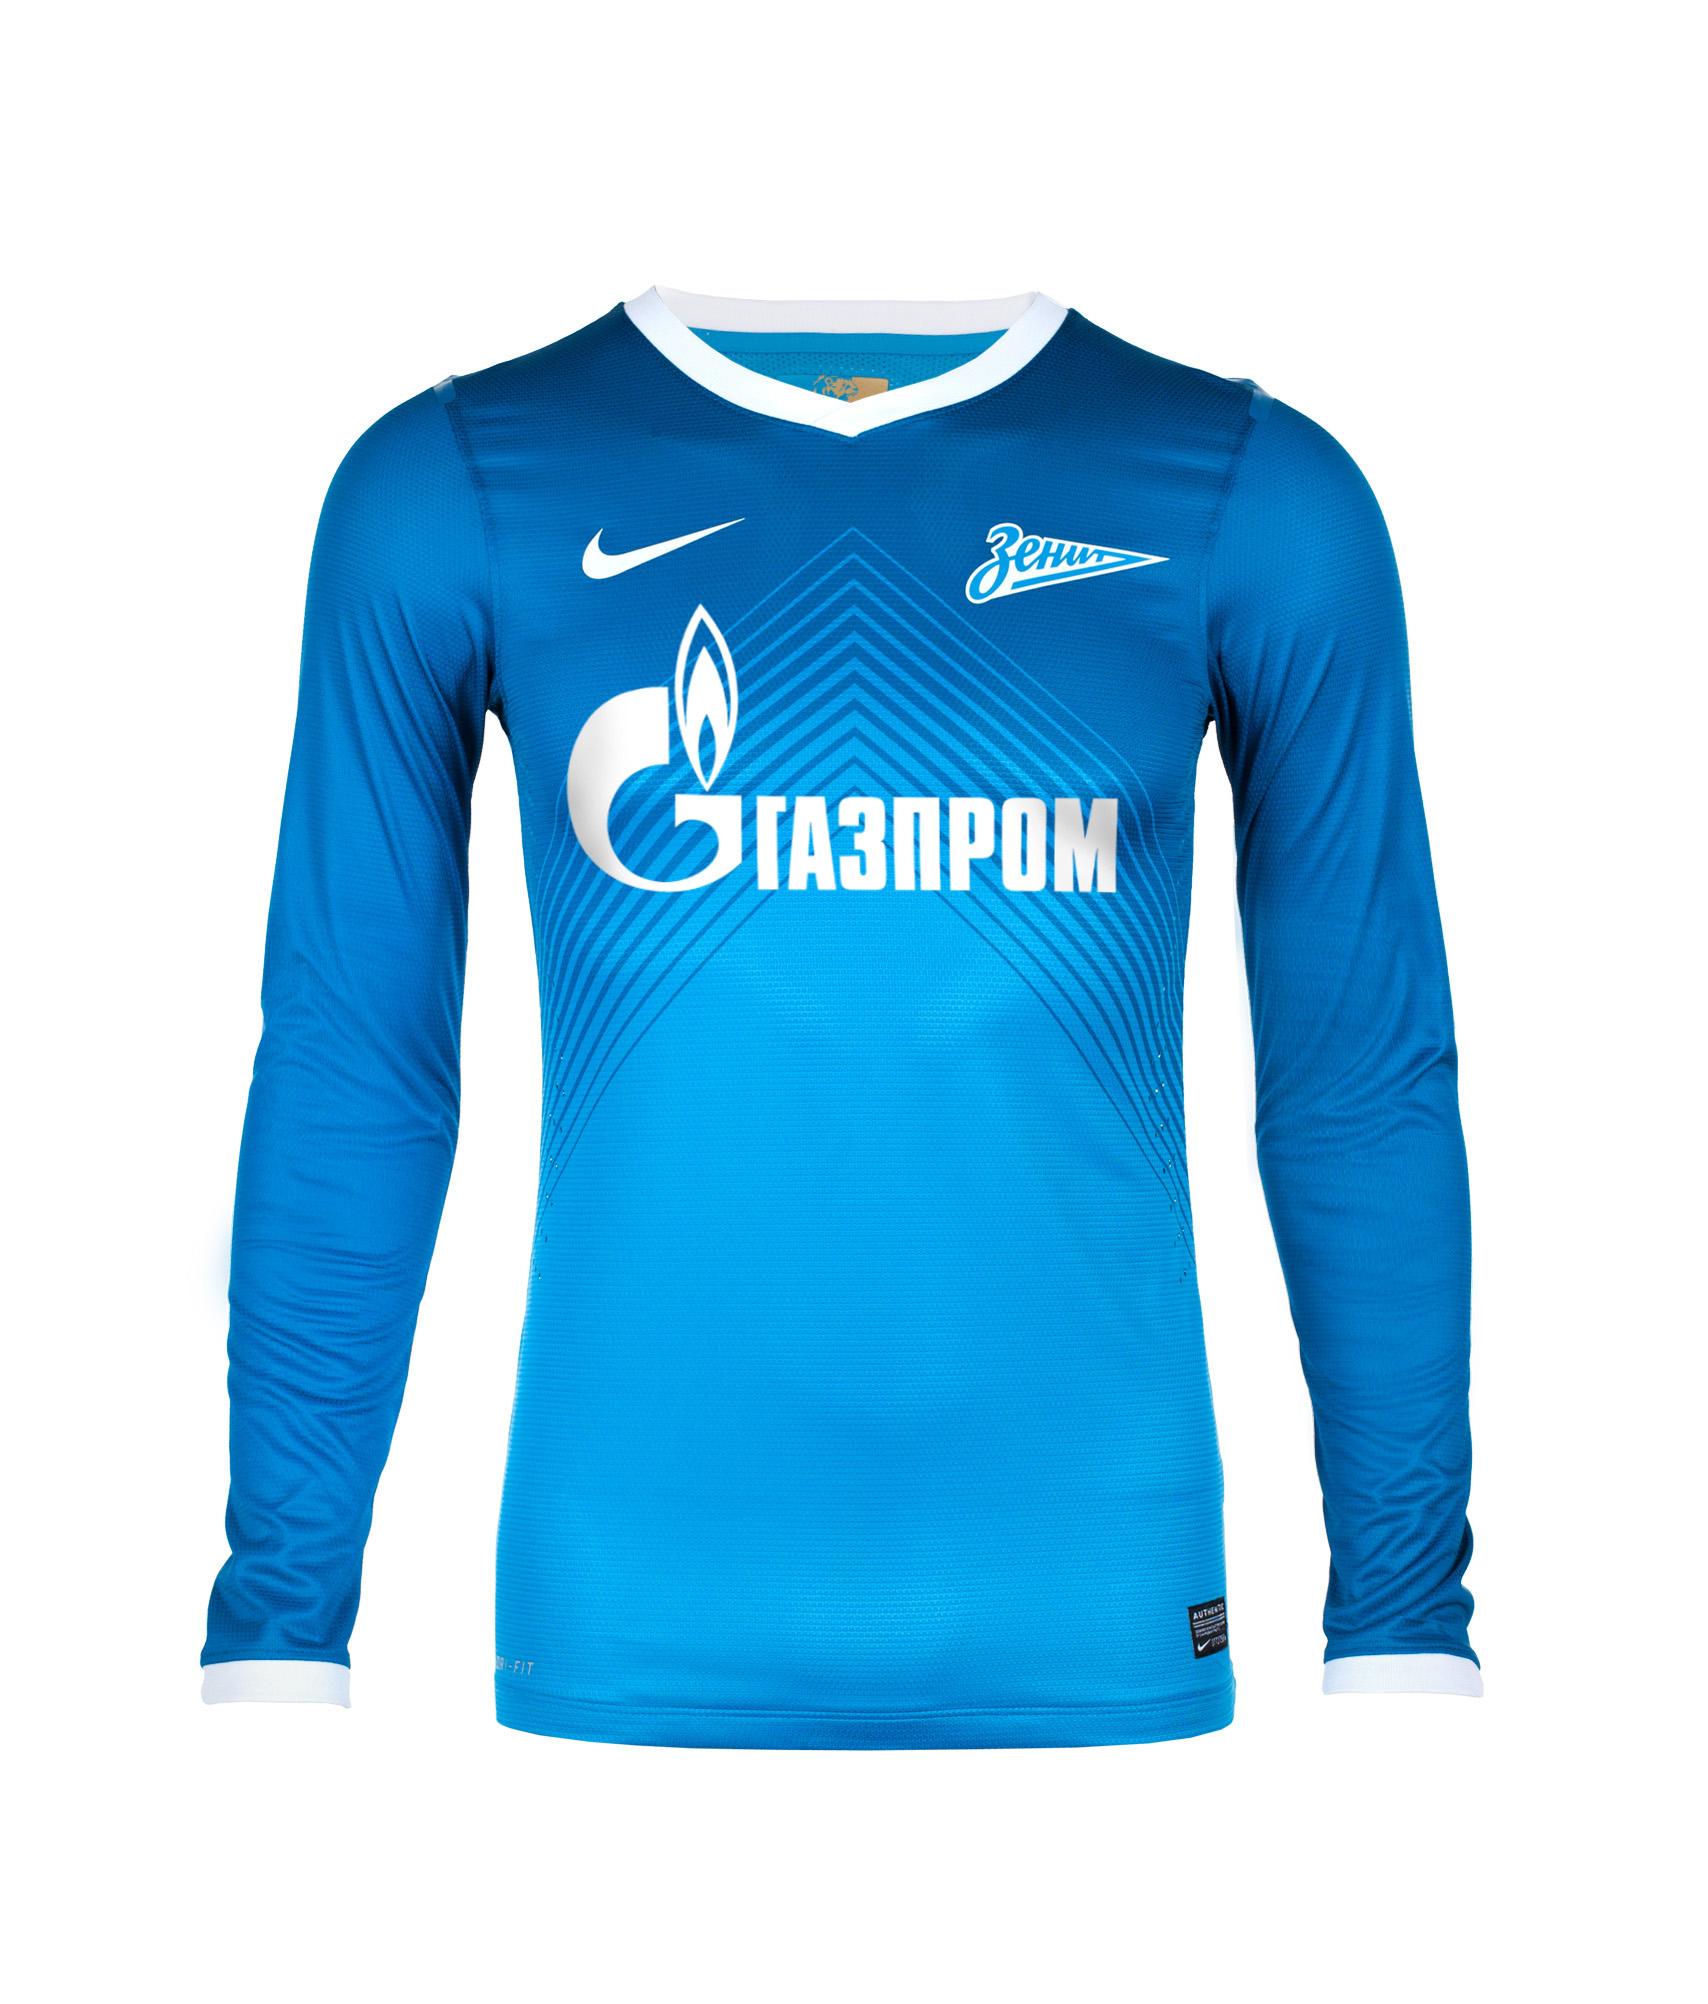 Оригинальная домашняя футболка с длинным рукавом, Цвет-Синий, Размер-M